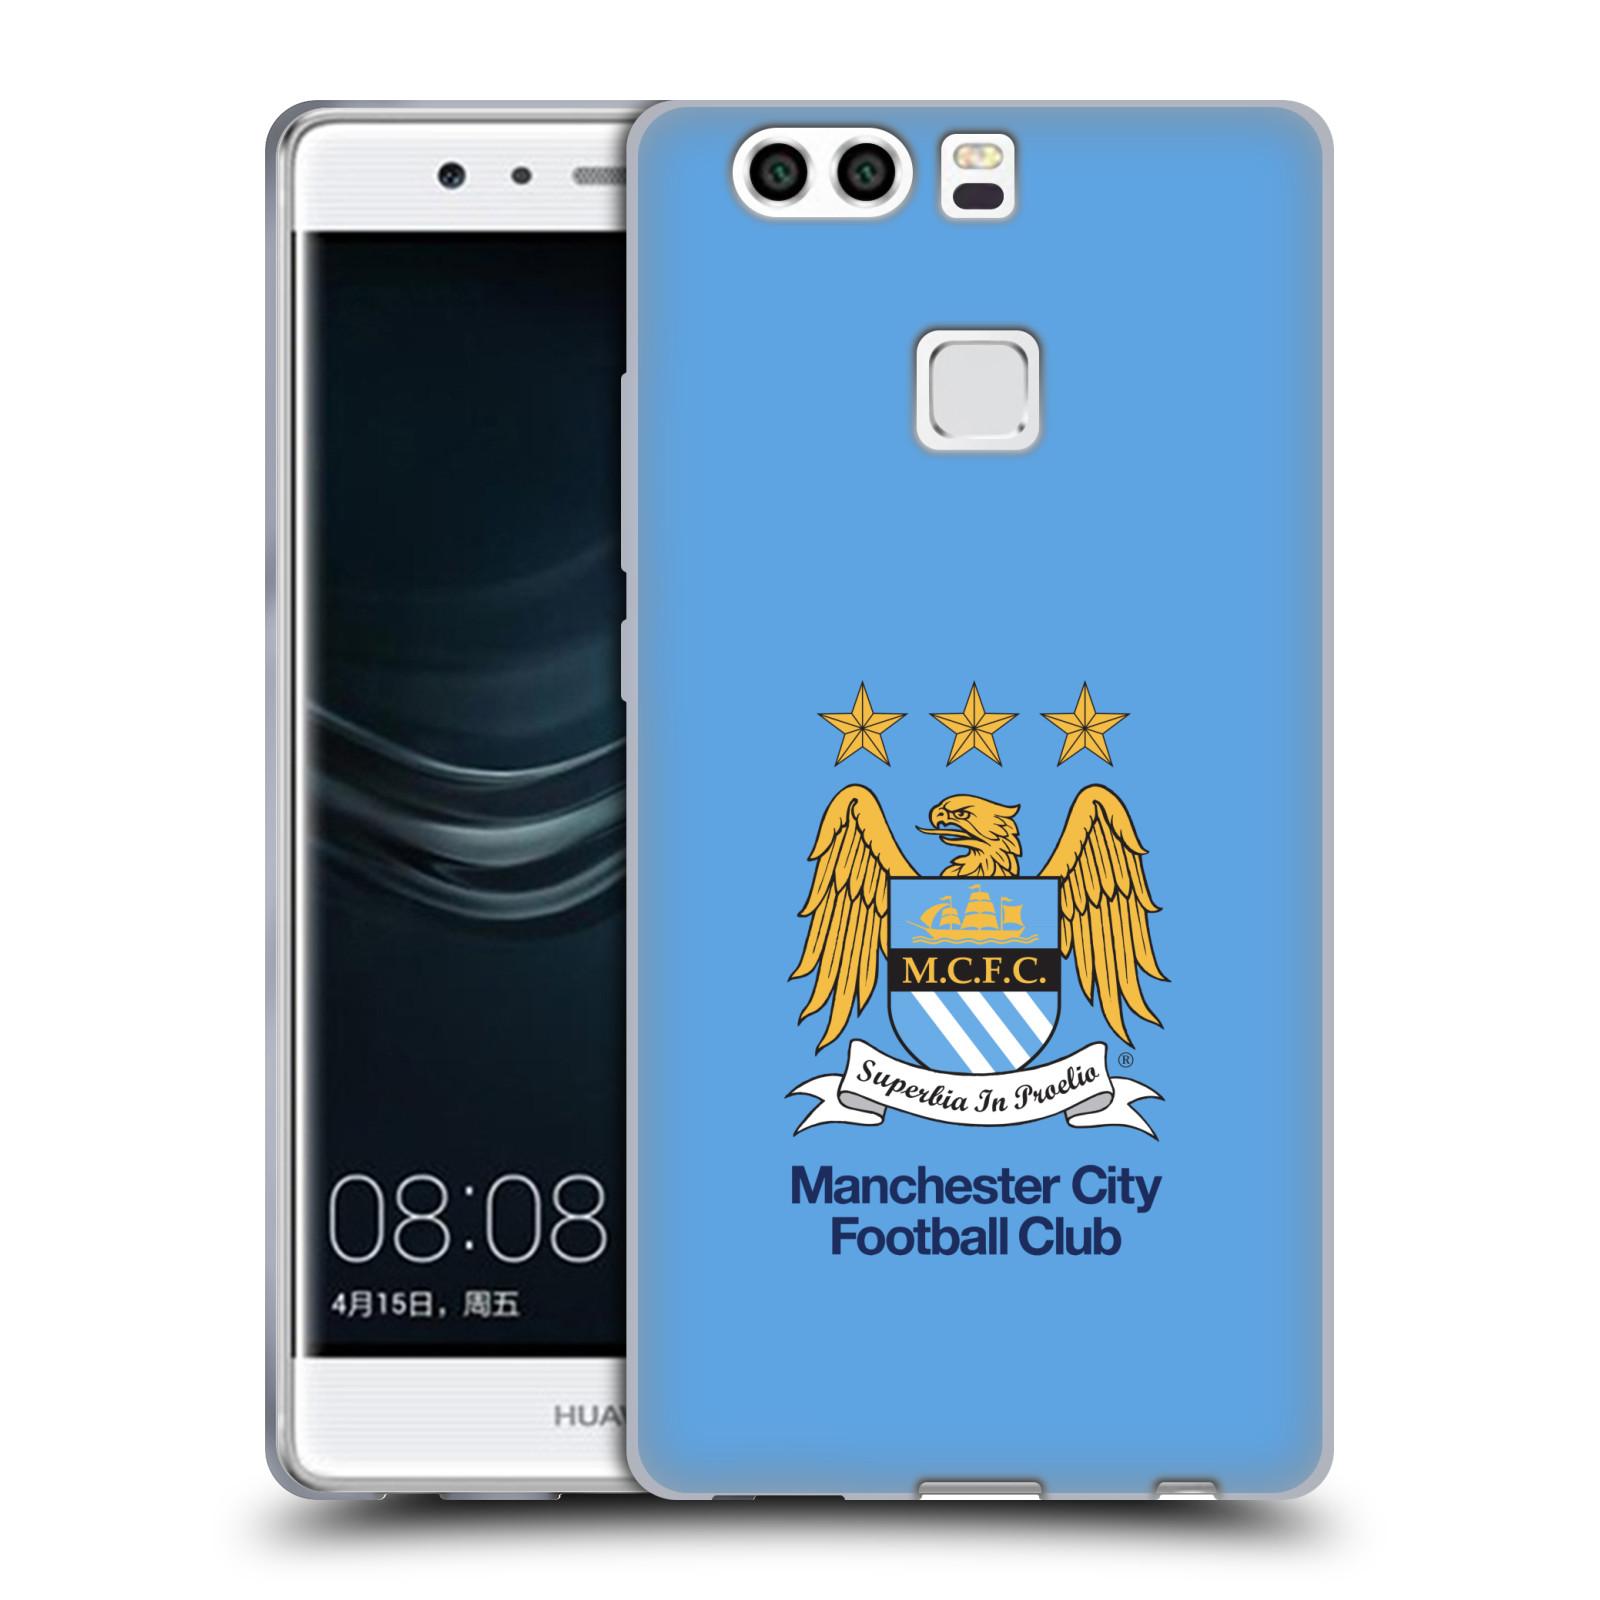 HEAD CASE silikonový obal na mobil Huawei P9 PLUS / P9 PLUS DUAL SIM Fotbalový klub Manchester City nebesky modrá pozadí velký znak pták